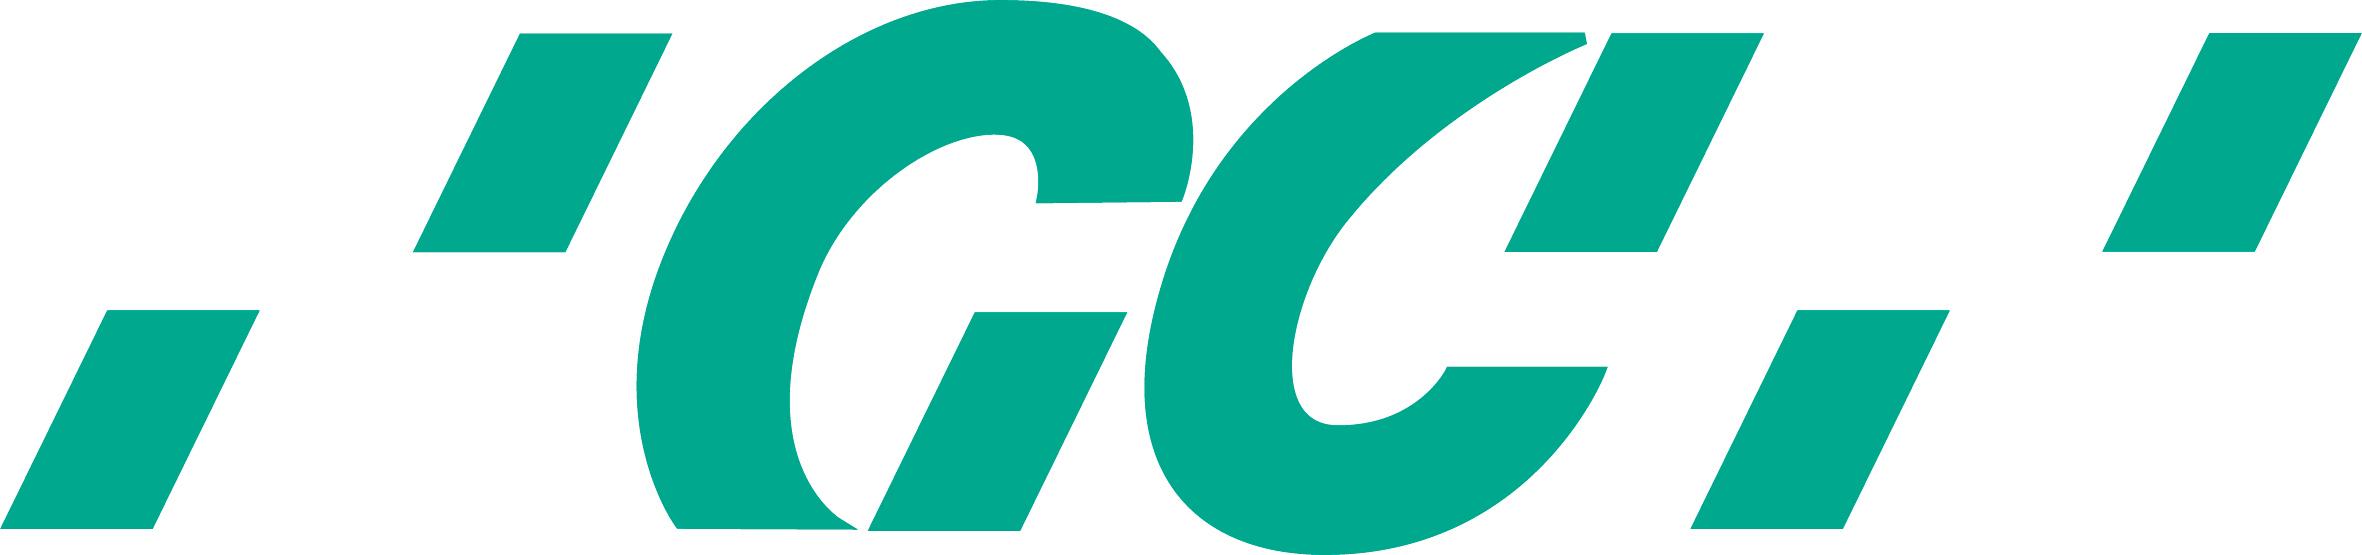 GC-Logos